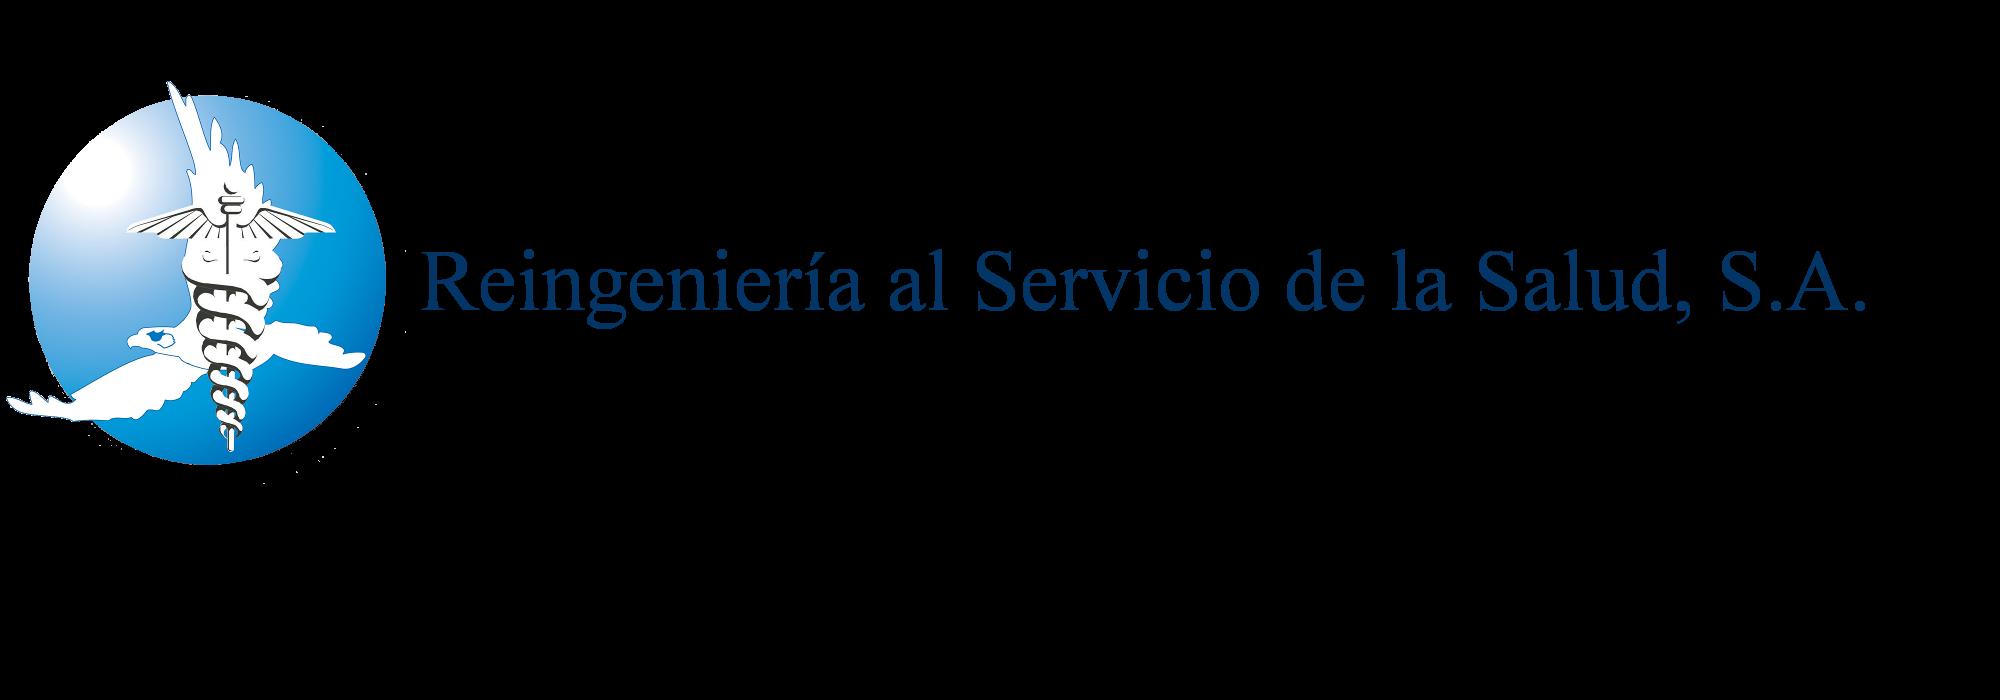 Uruguay Reingenieria medica